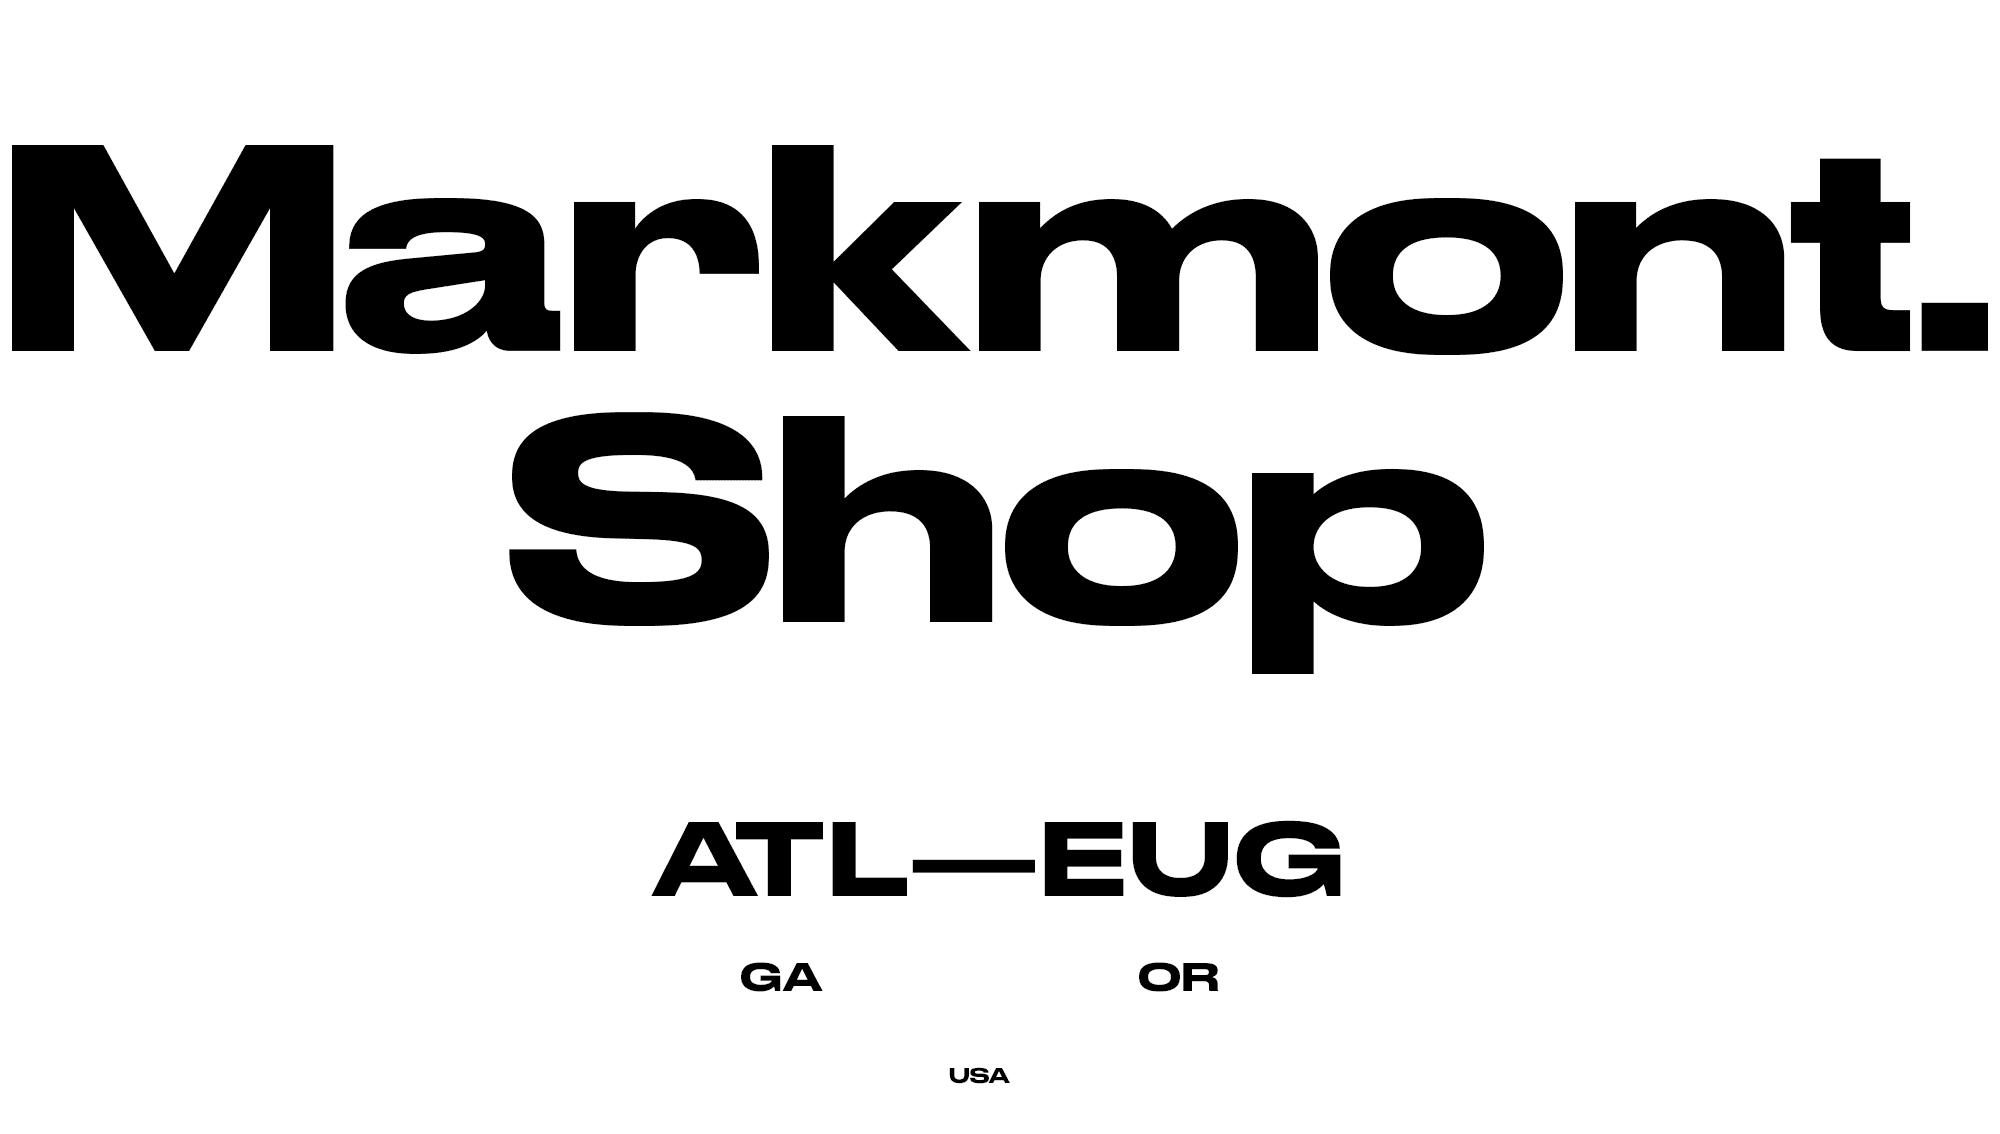 Markmont-Shop